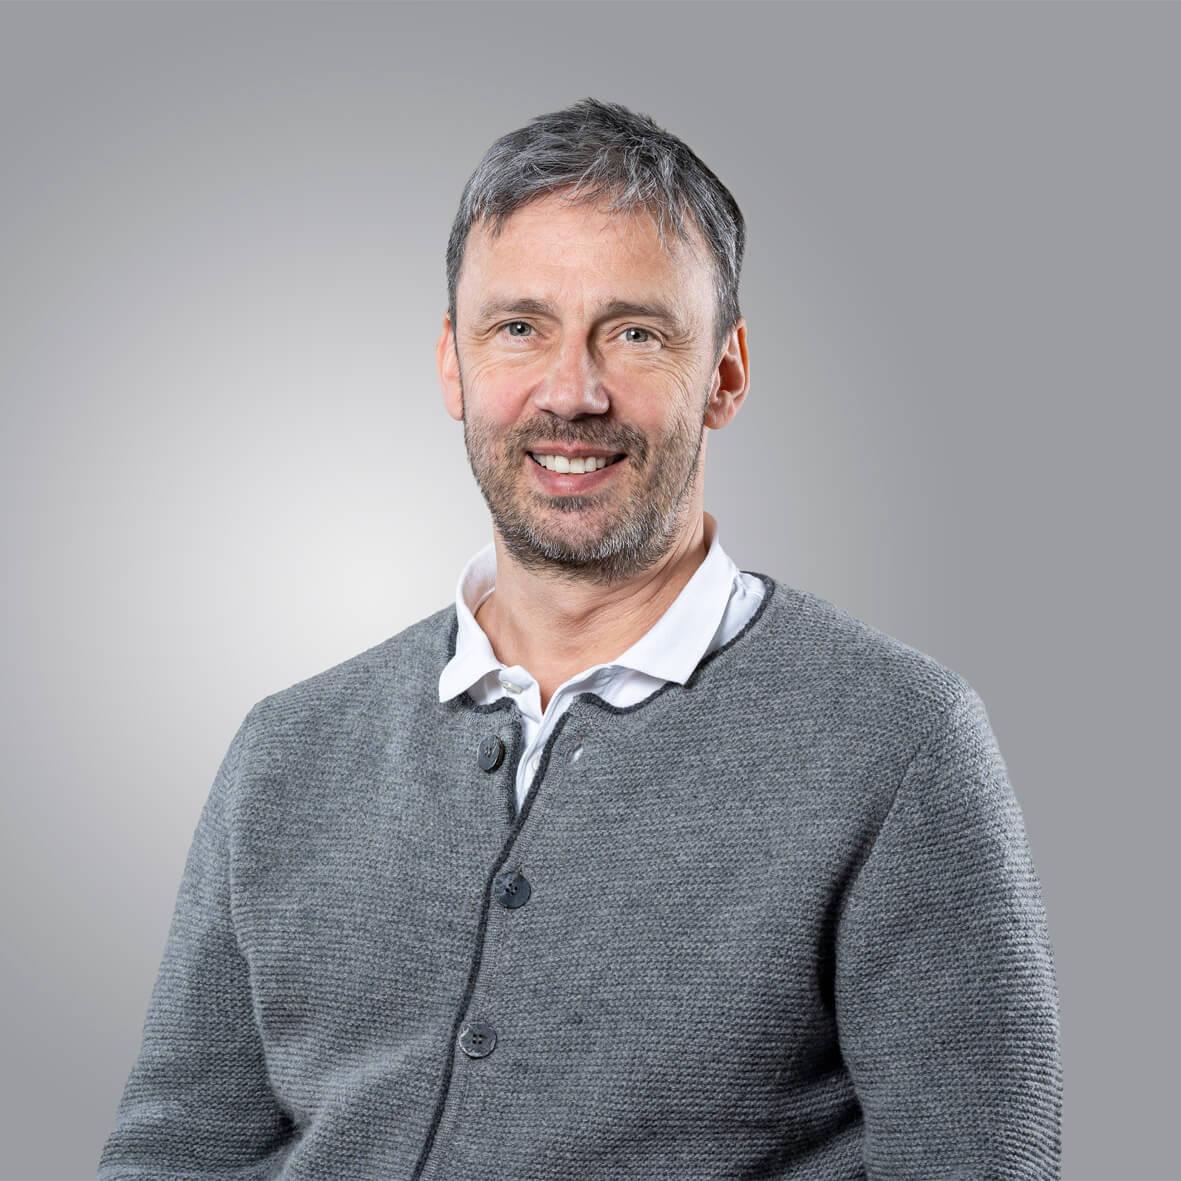 Jürgen Dahms